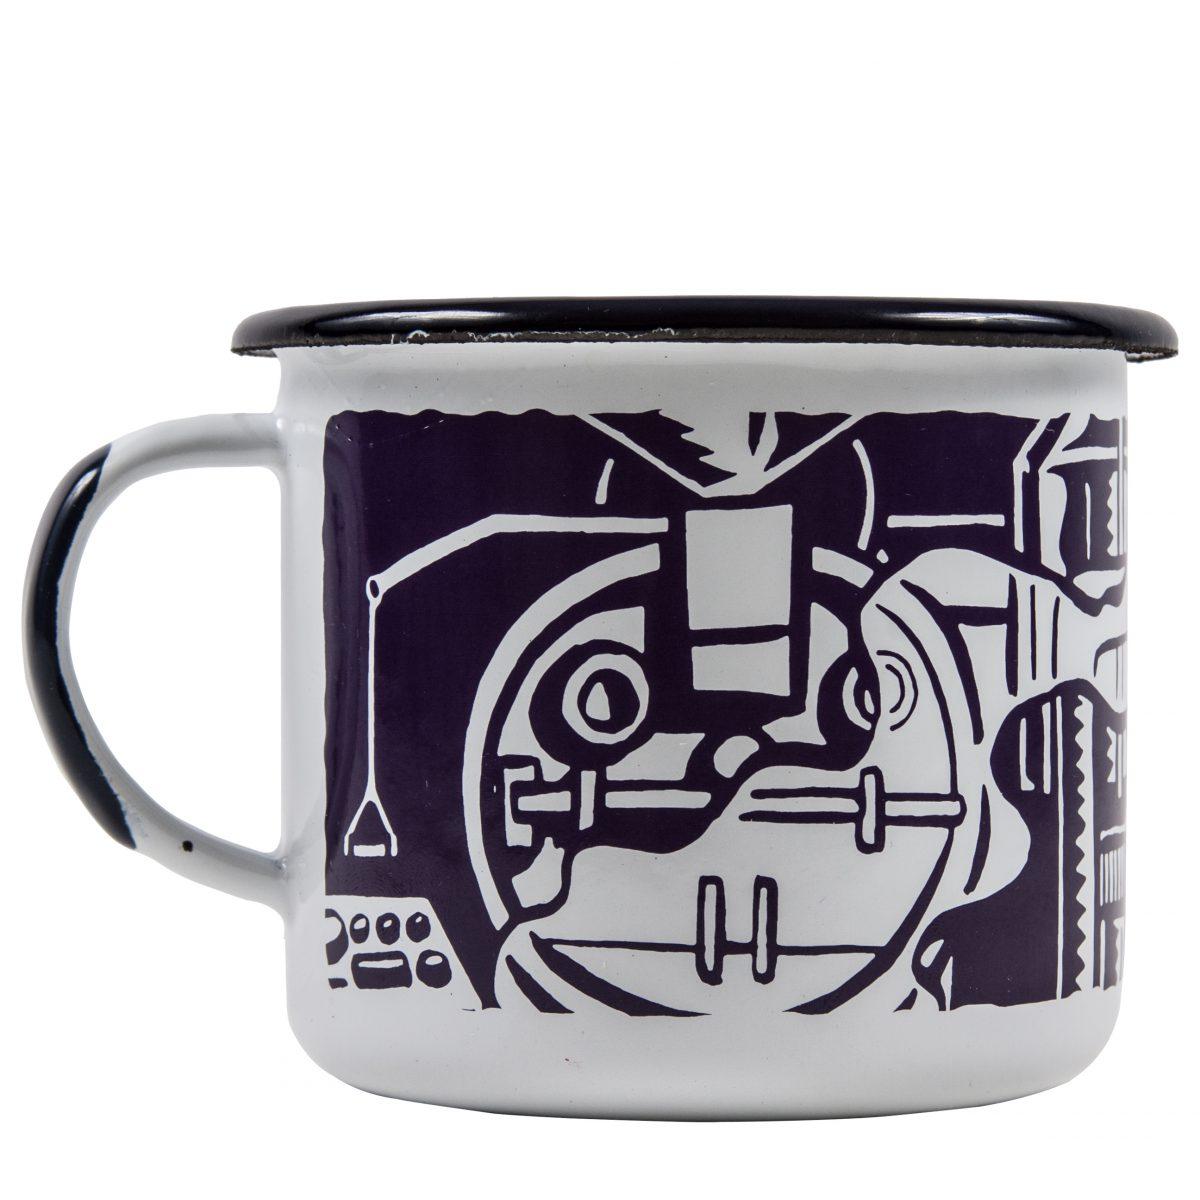 Rise Up - Artisan Mug